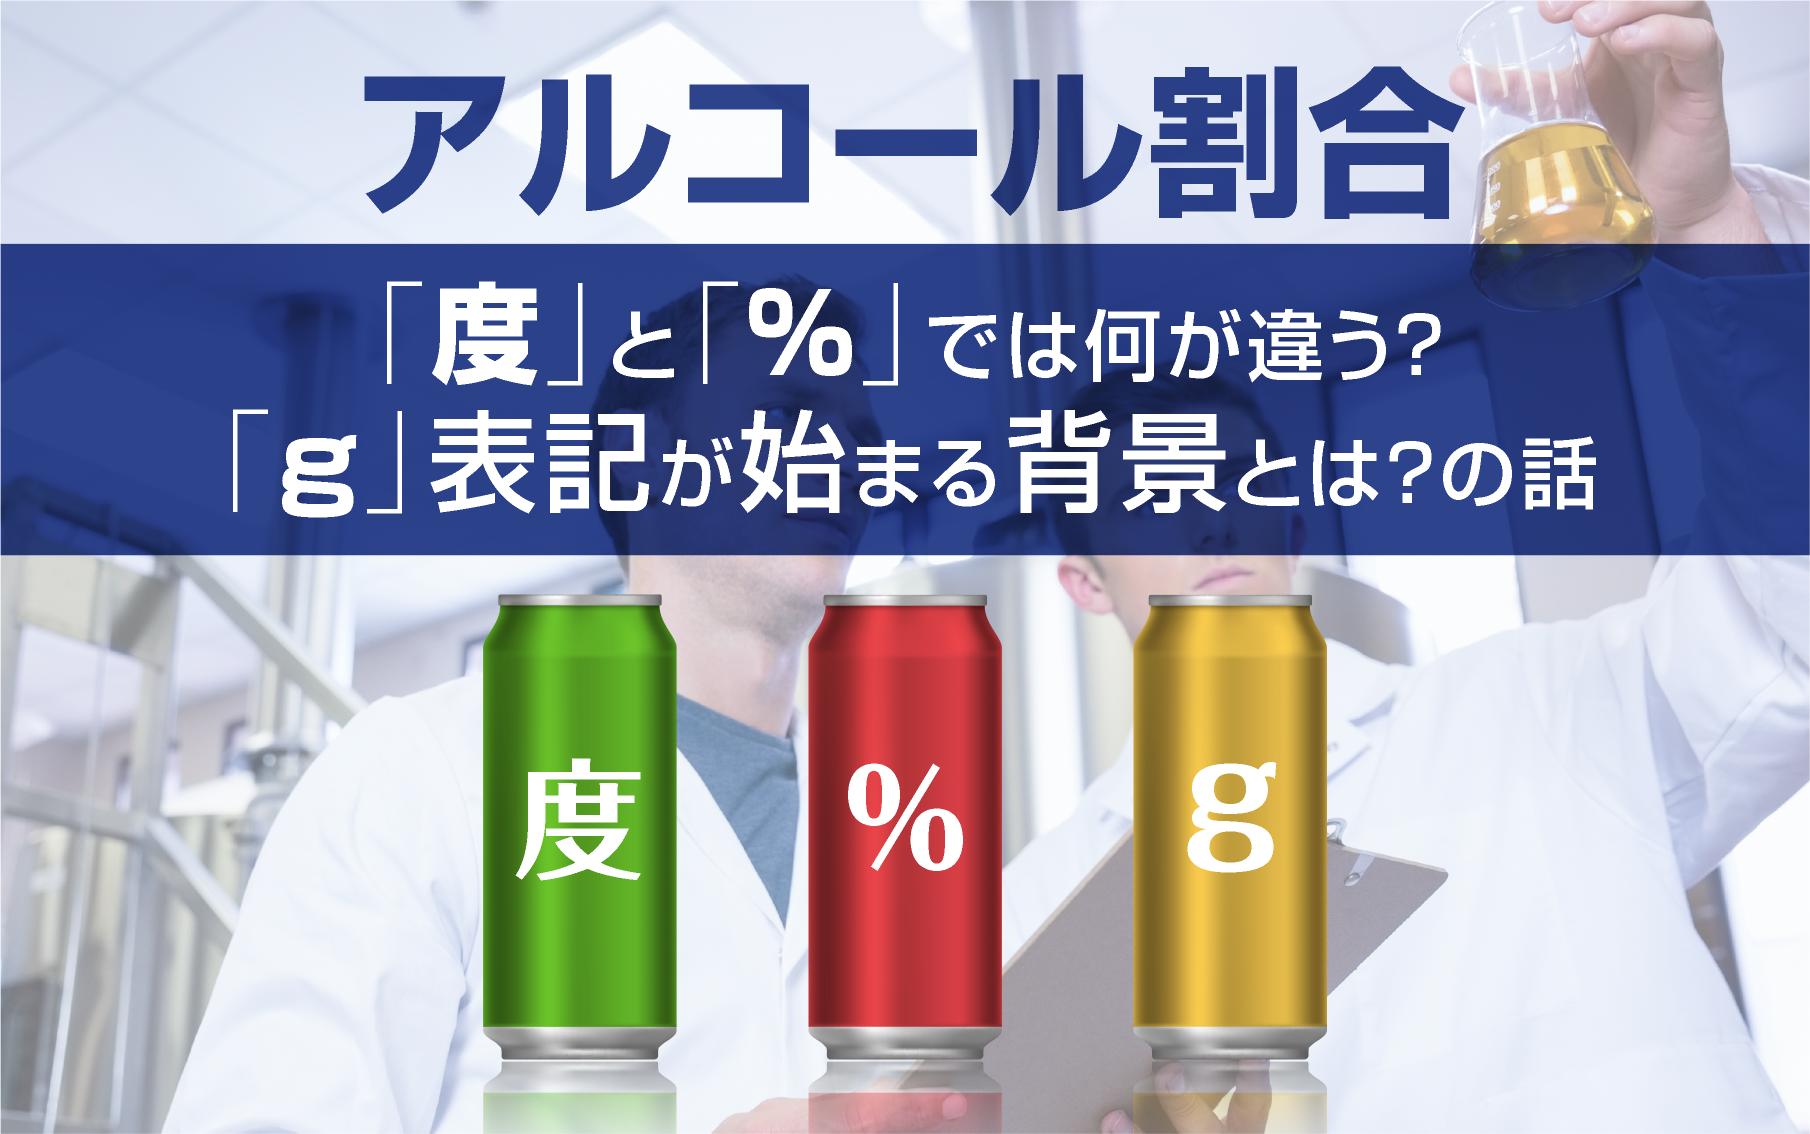 アルコール割合、度と%では何が違う?g表記が始まる背景とは?の話